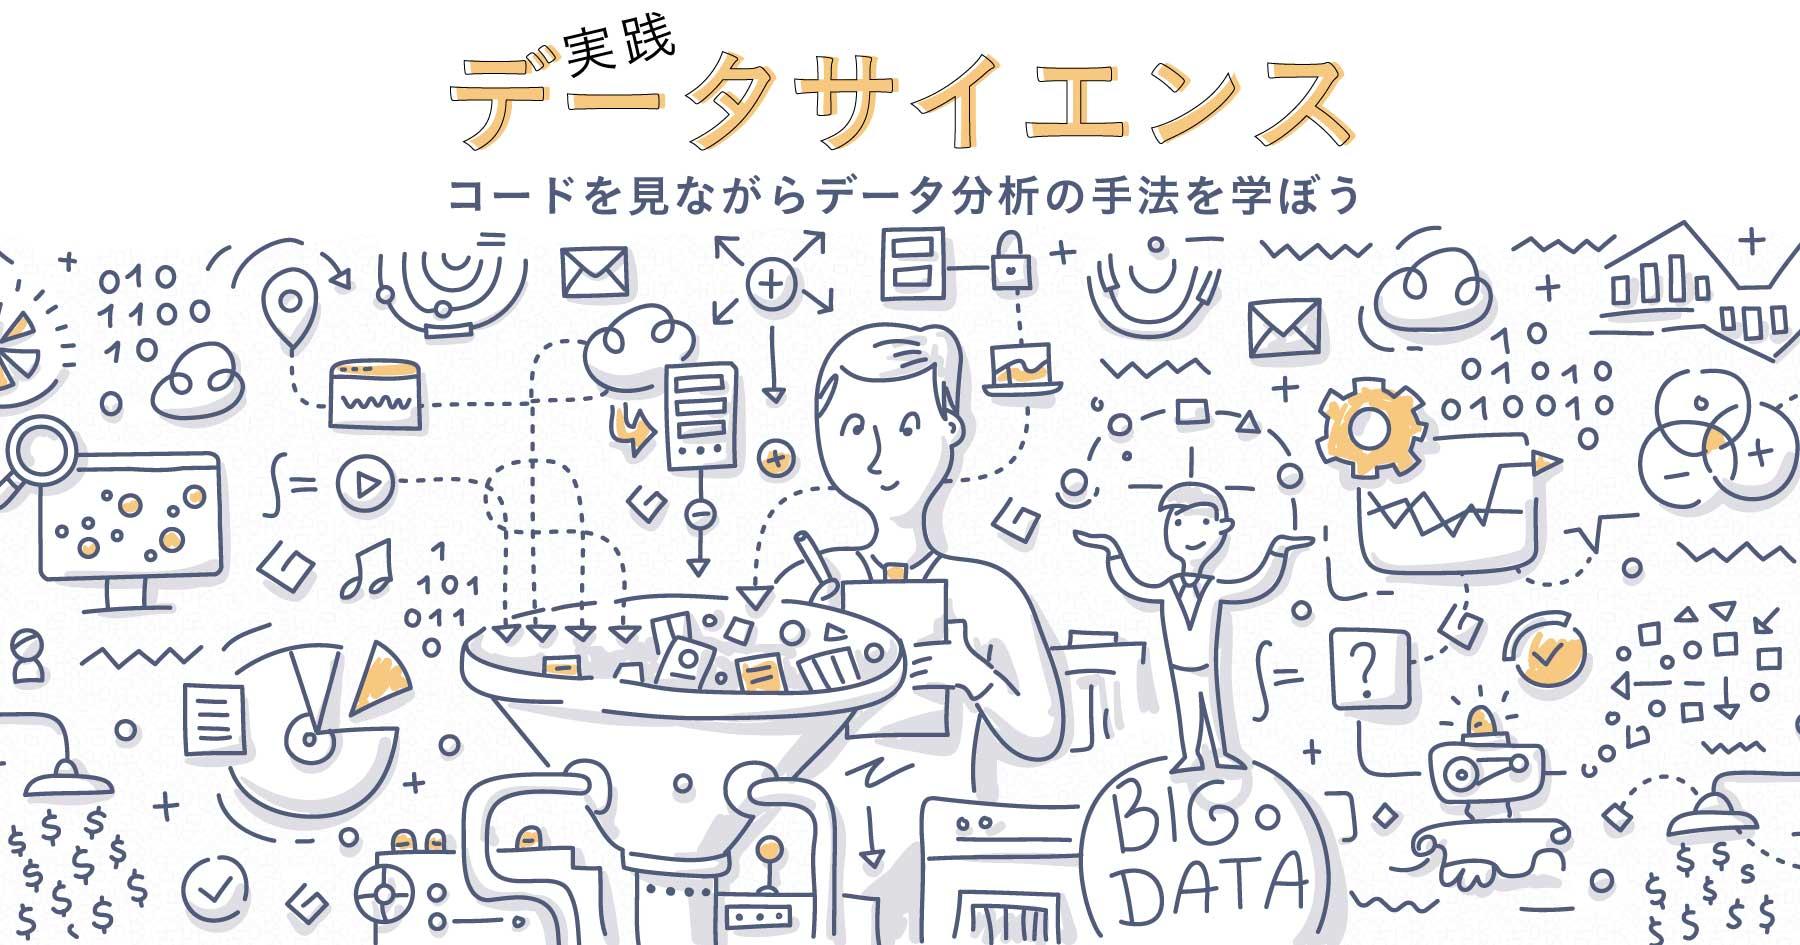 実践データサイエンス ─ サンプルコードと図表で学ぶ、前処理・モデル評価・パラメータチューニングの基礎